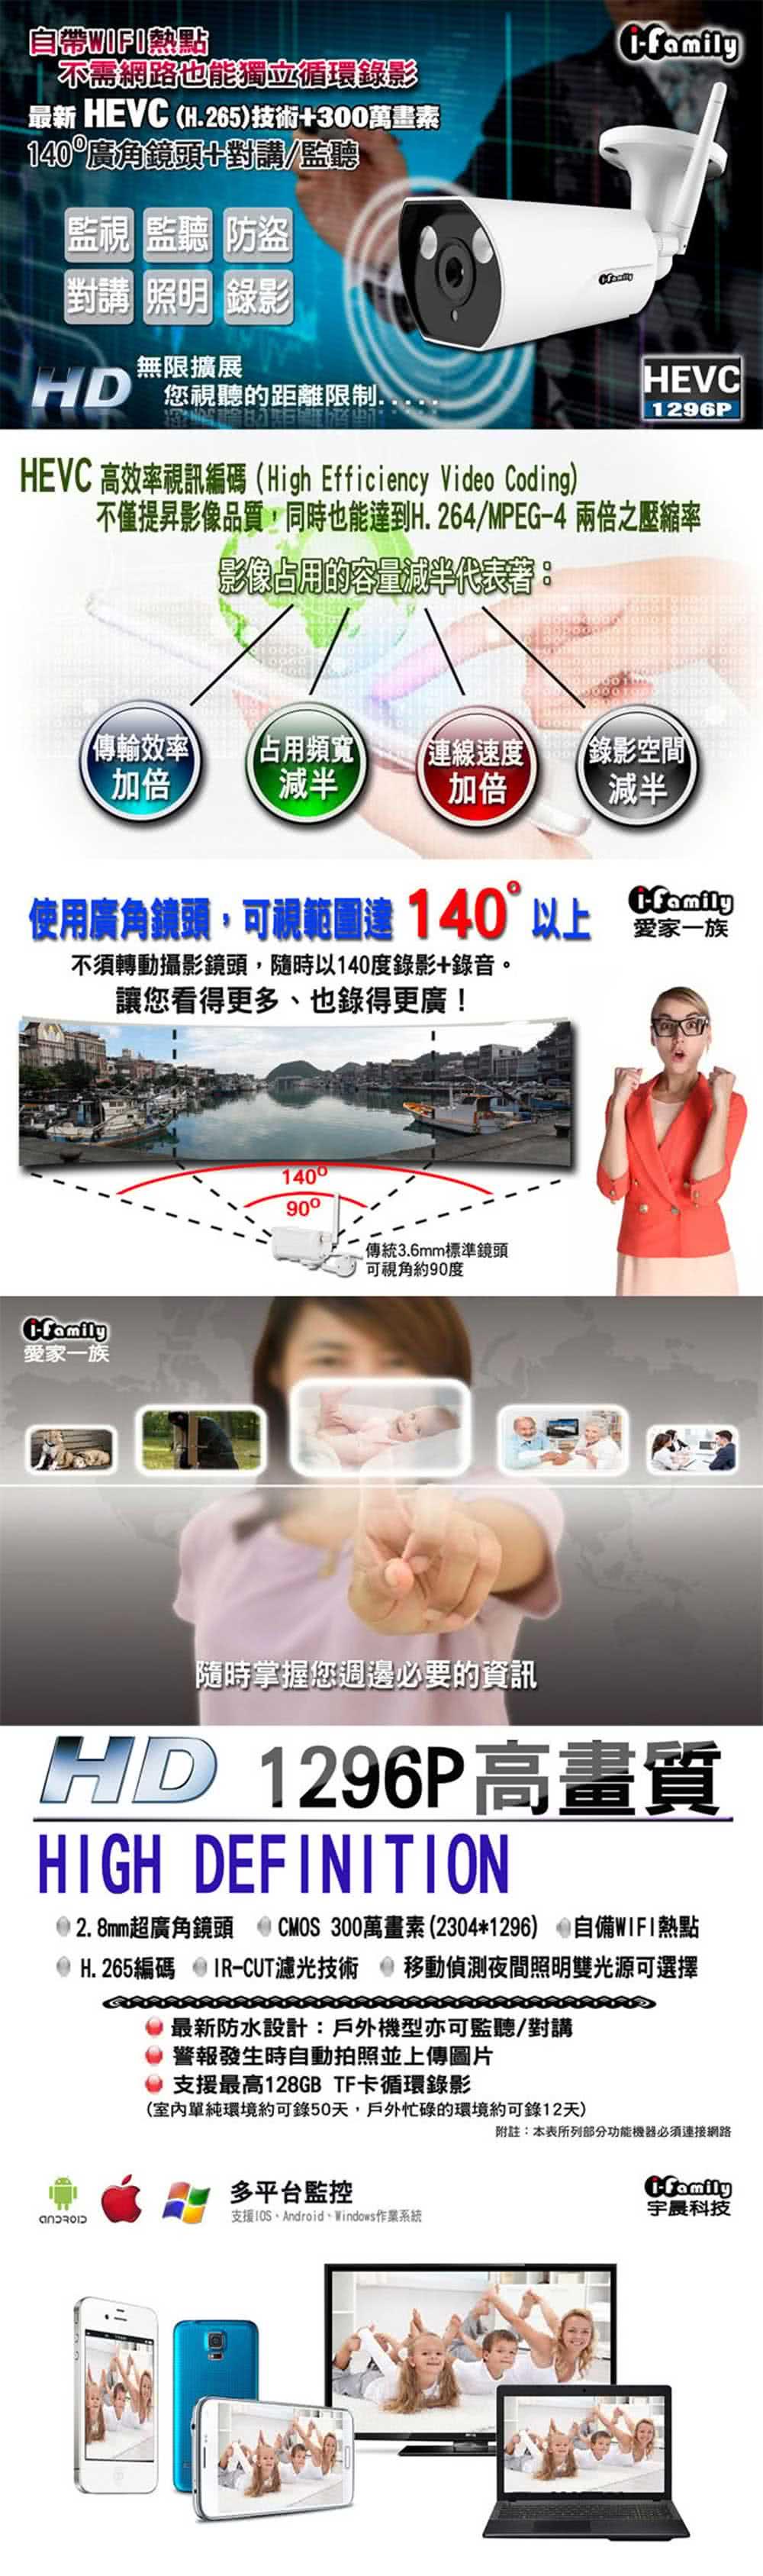 【宇晨I-Family】戶外防水專用/3百萬畫素/熱點/網路監視器(超廣角/自動照明/可監聽對講型)